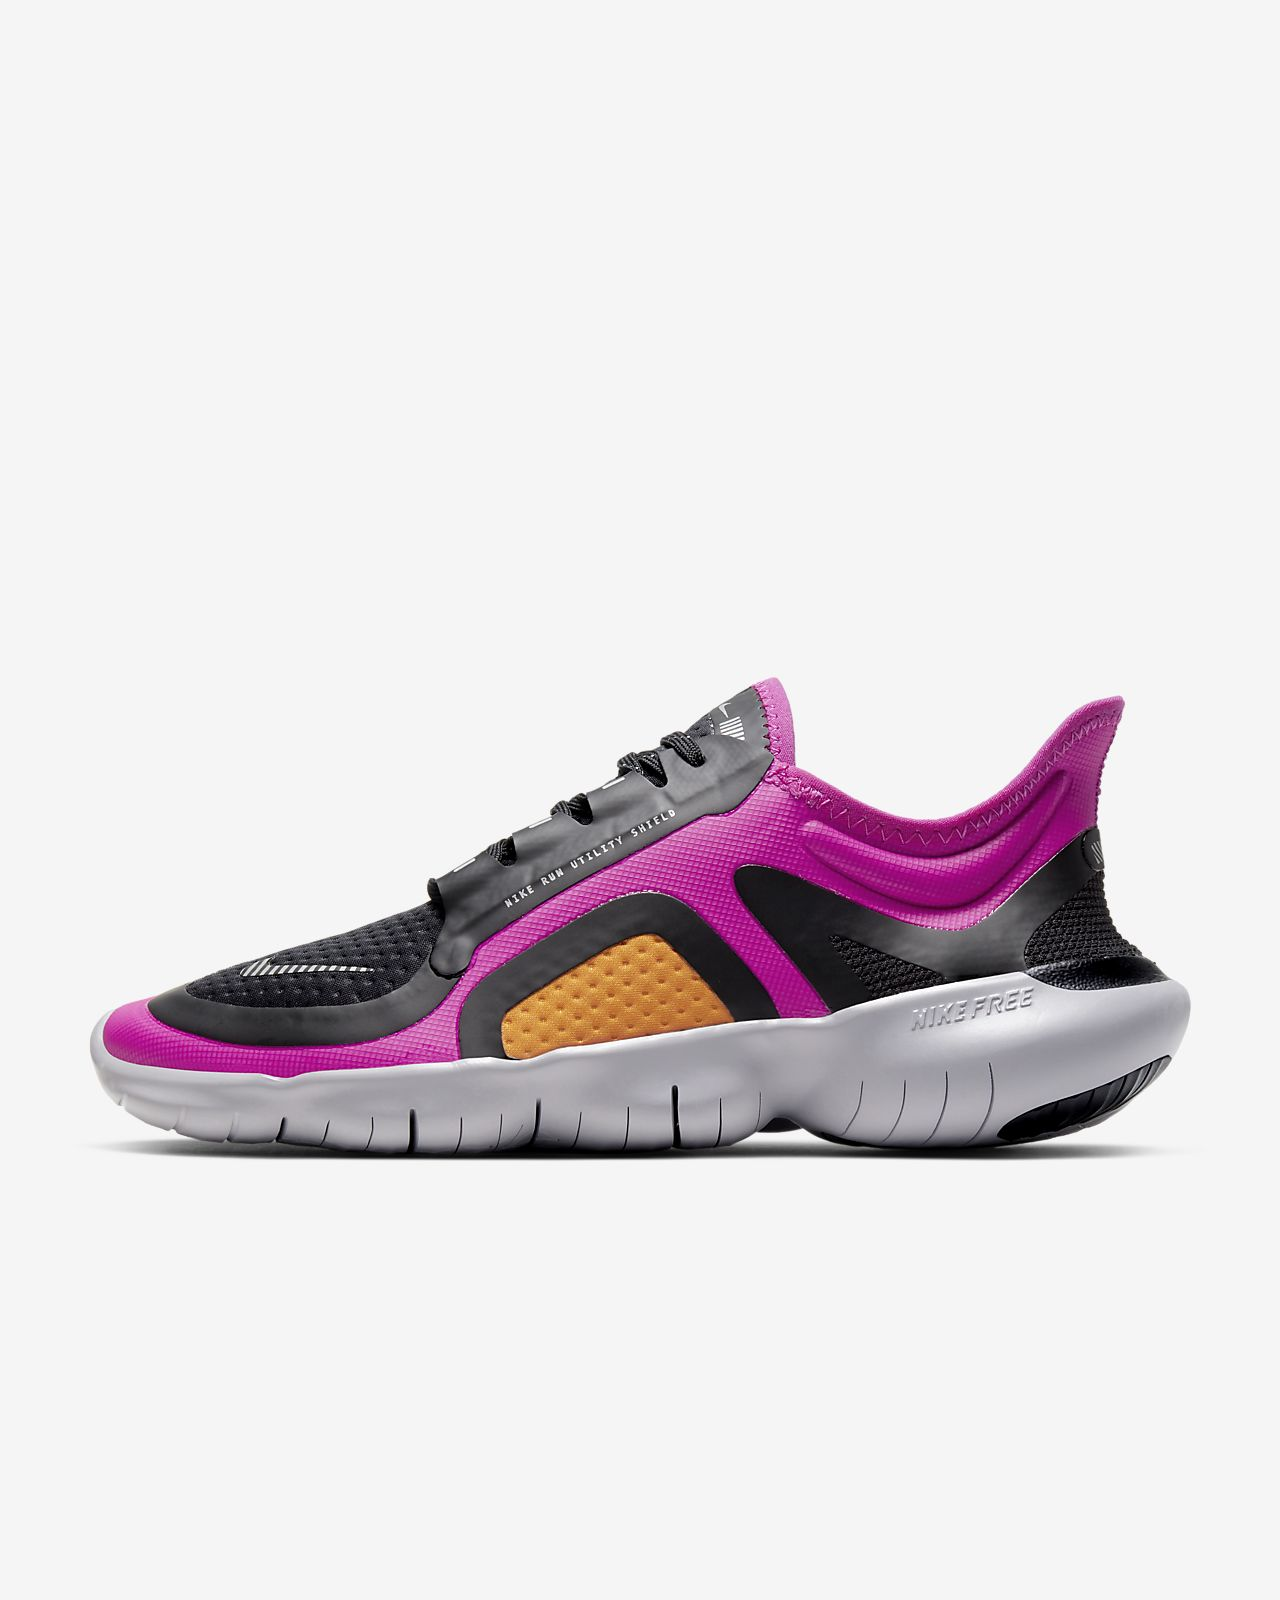 Löparsko Nike Free RN 5.0 Shield för kvinnor